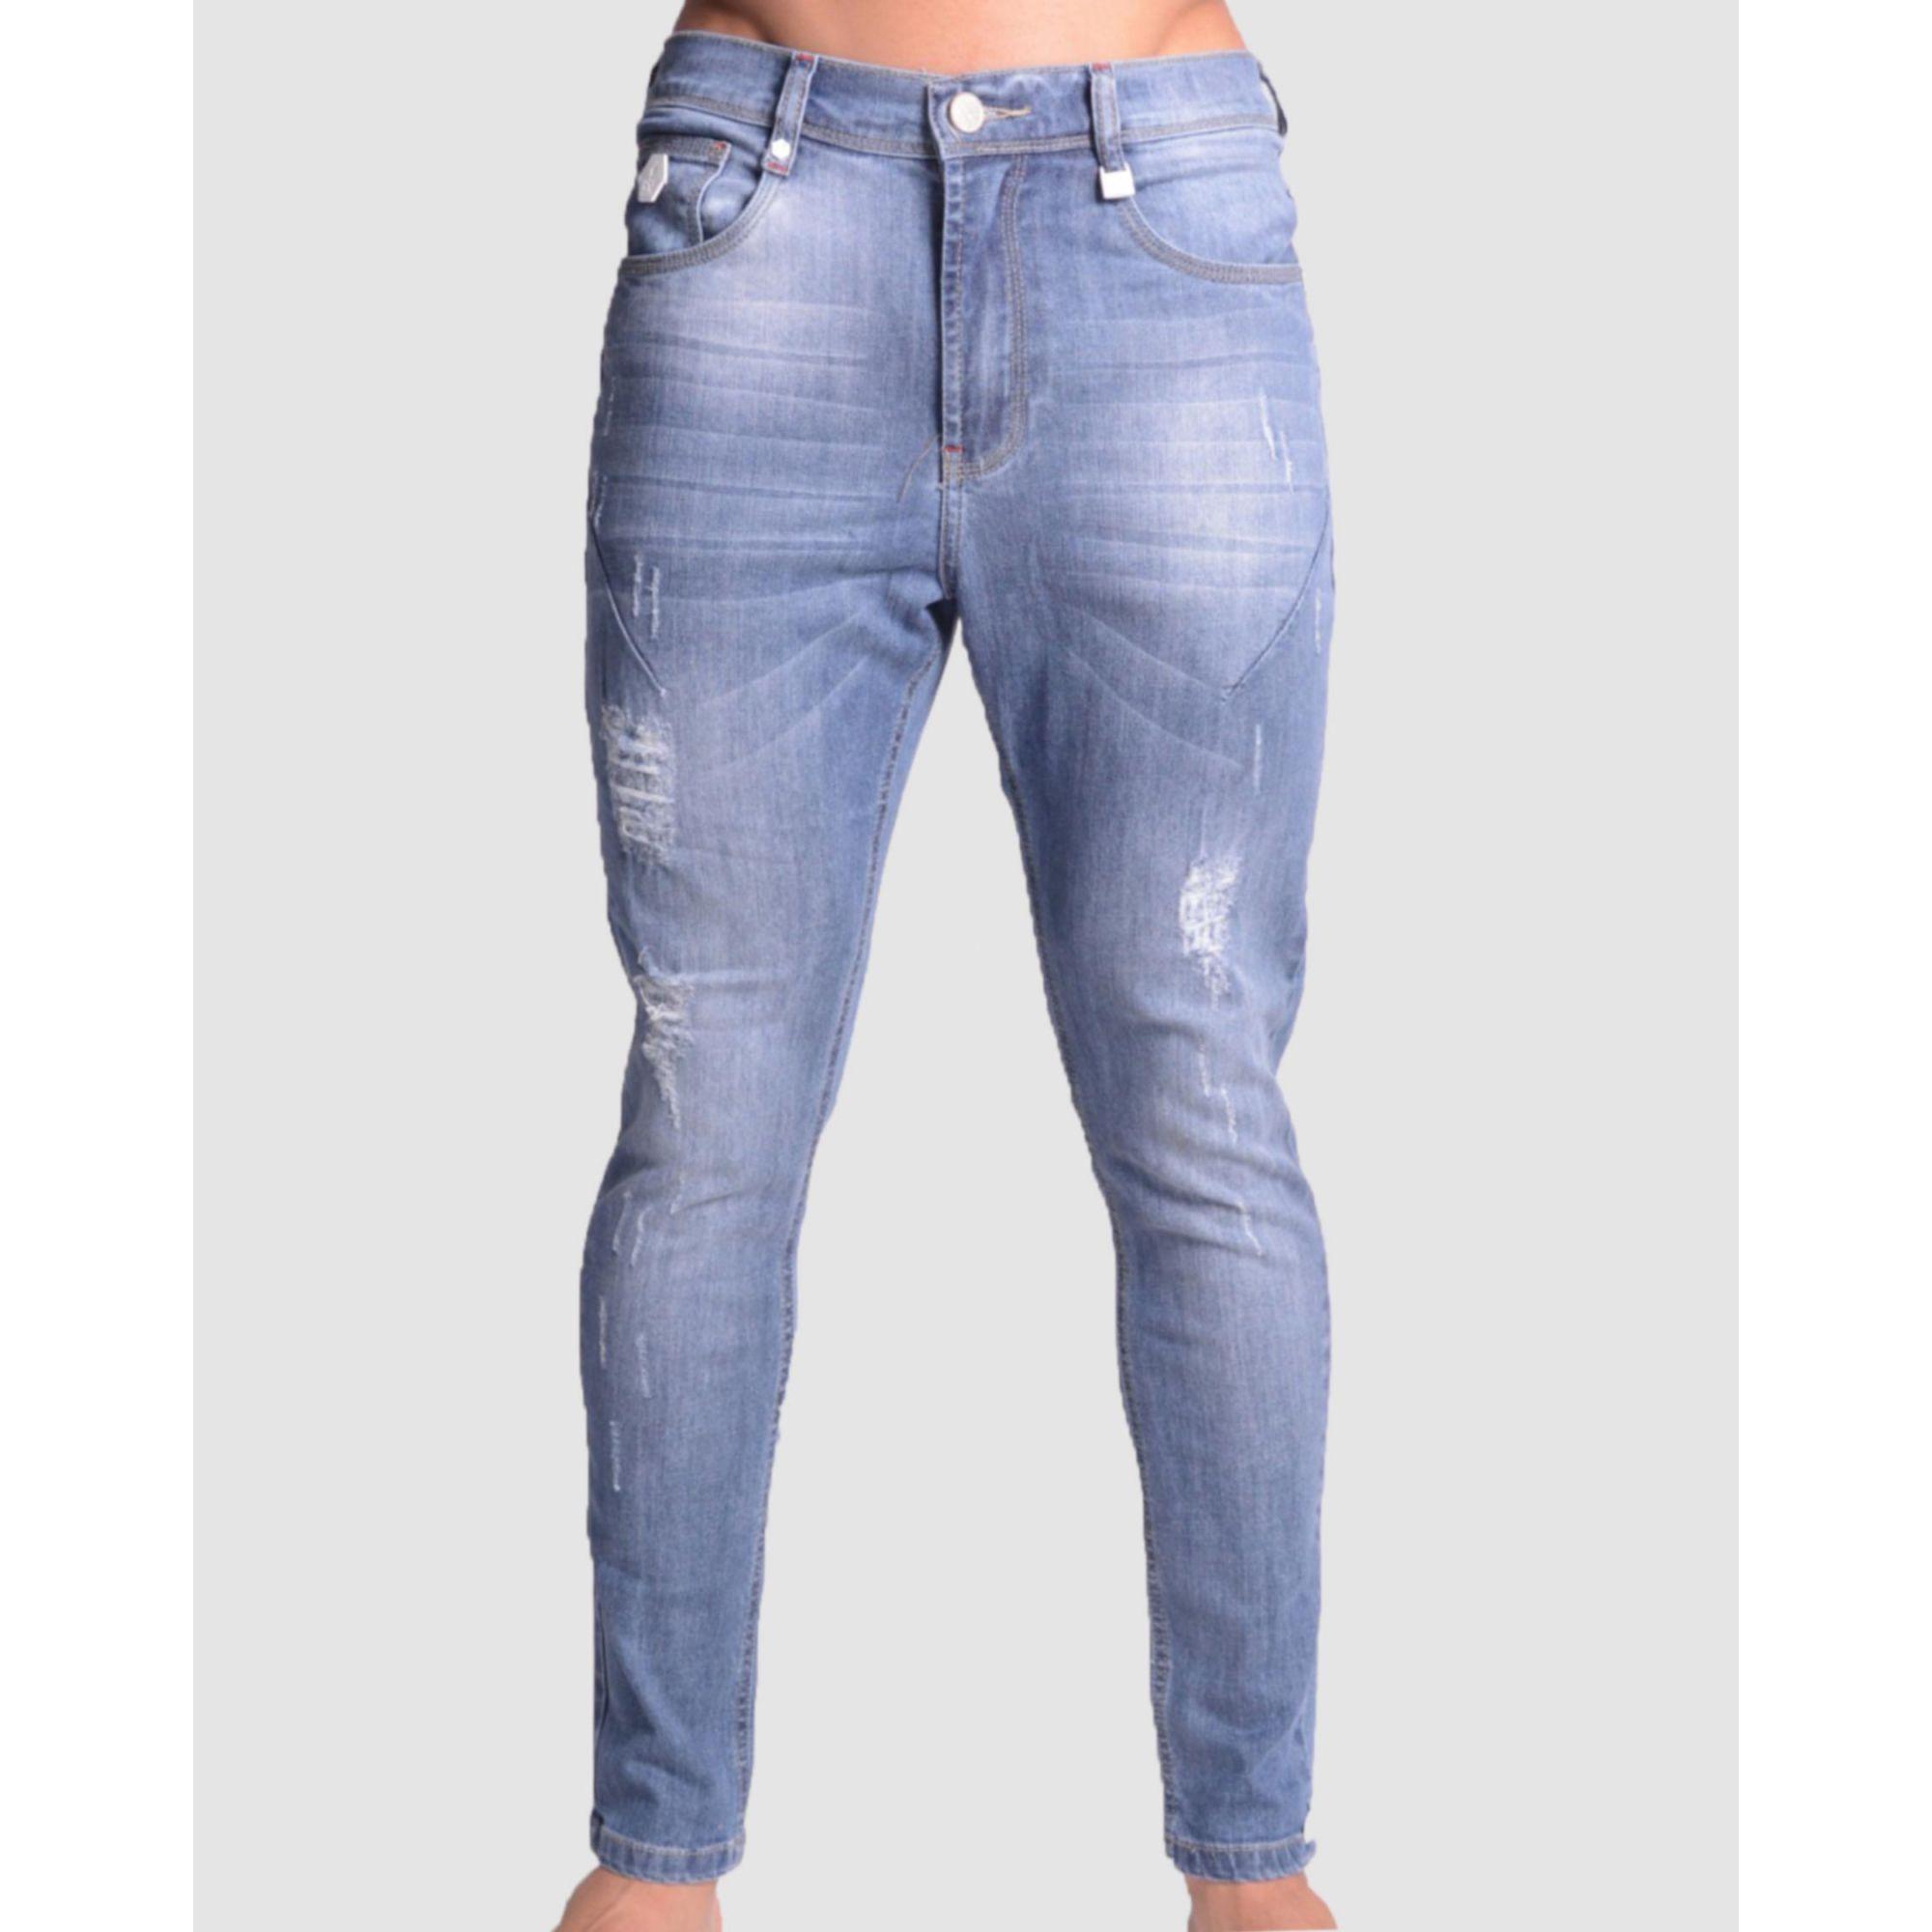 Calça Buh Jeans Azul Lavado